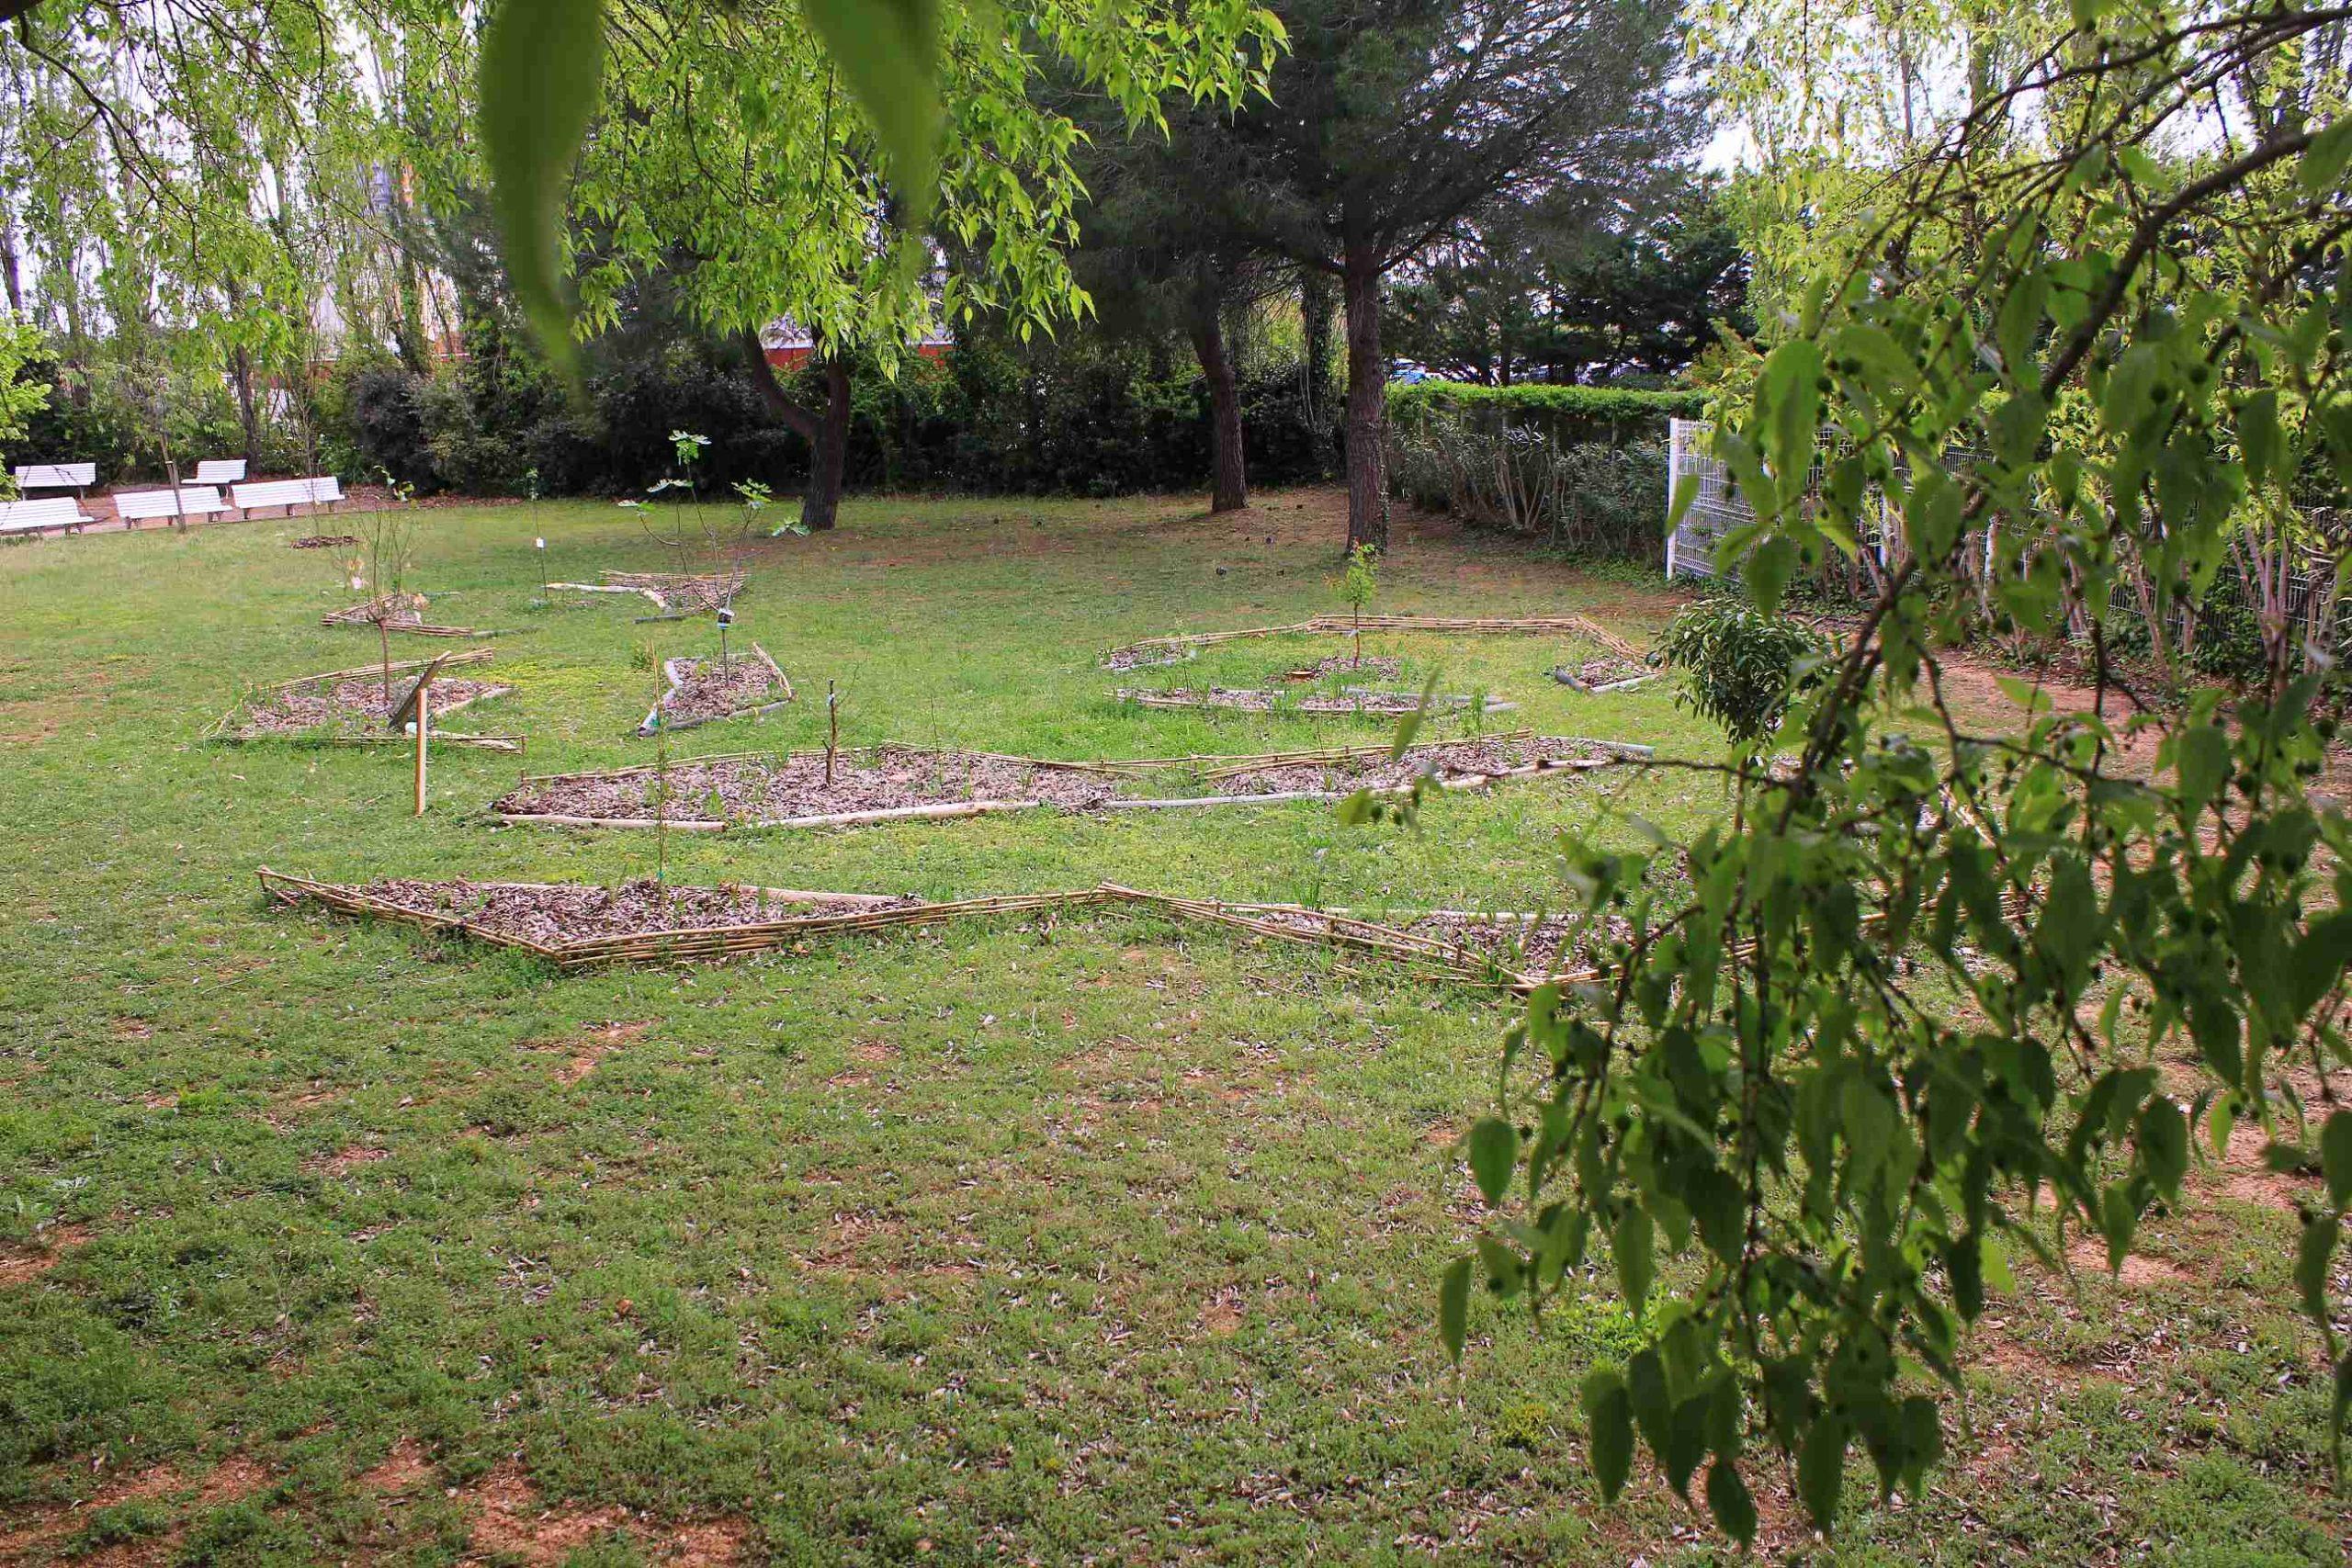 jardin nourricier en EHPAD au moment de son implantation